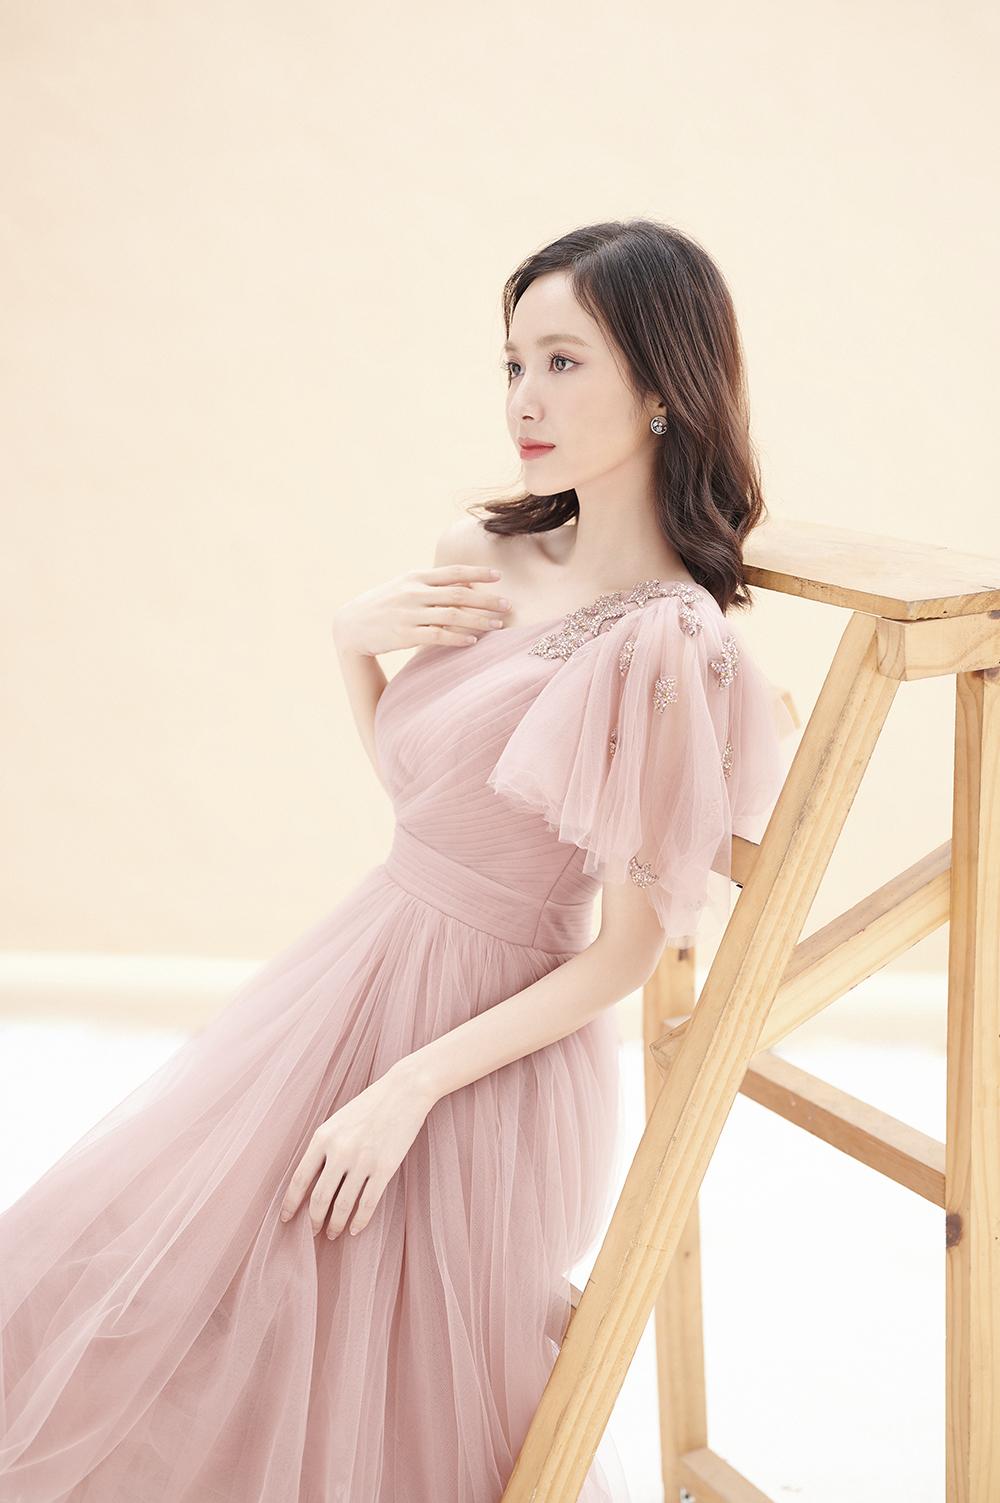 Jang Mi sở hữu sắc vóc thanh mảnh, làn da trắng. Vì thế, sắc hồng được nữ ca sĩ khá ưa chuộng. Trong loạt ảnh chào tuổi 25, Jang Mi lựa chọn loạt trang phục sắc hồng mang đến vẻ ngoài tươi trẻ, bắt mắt.